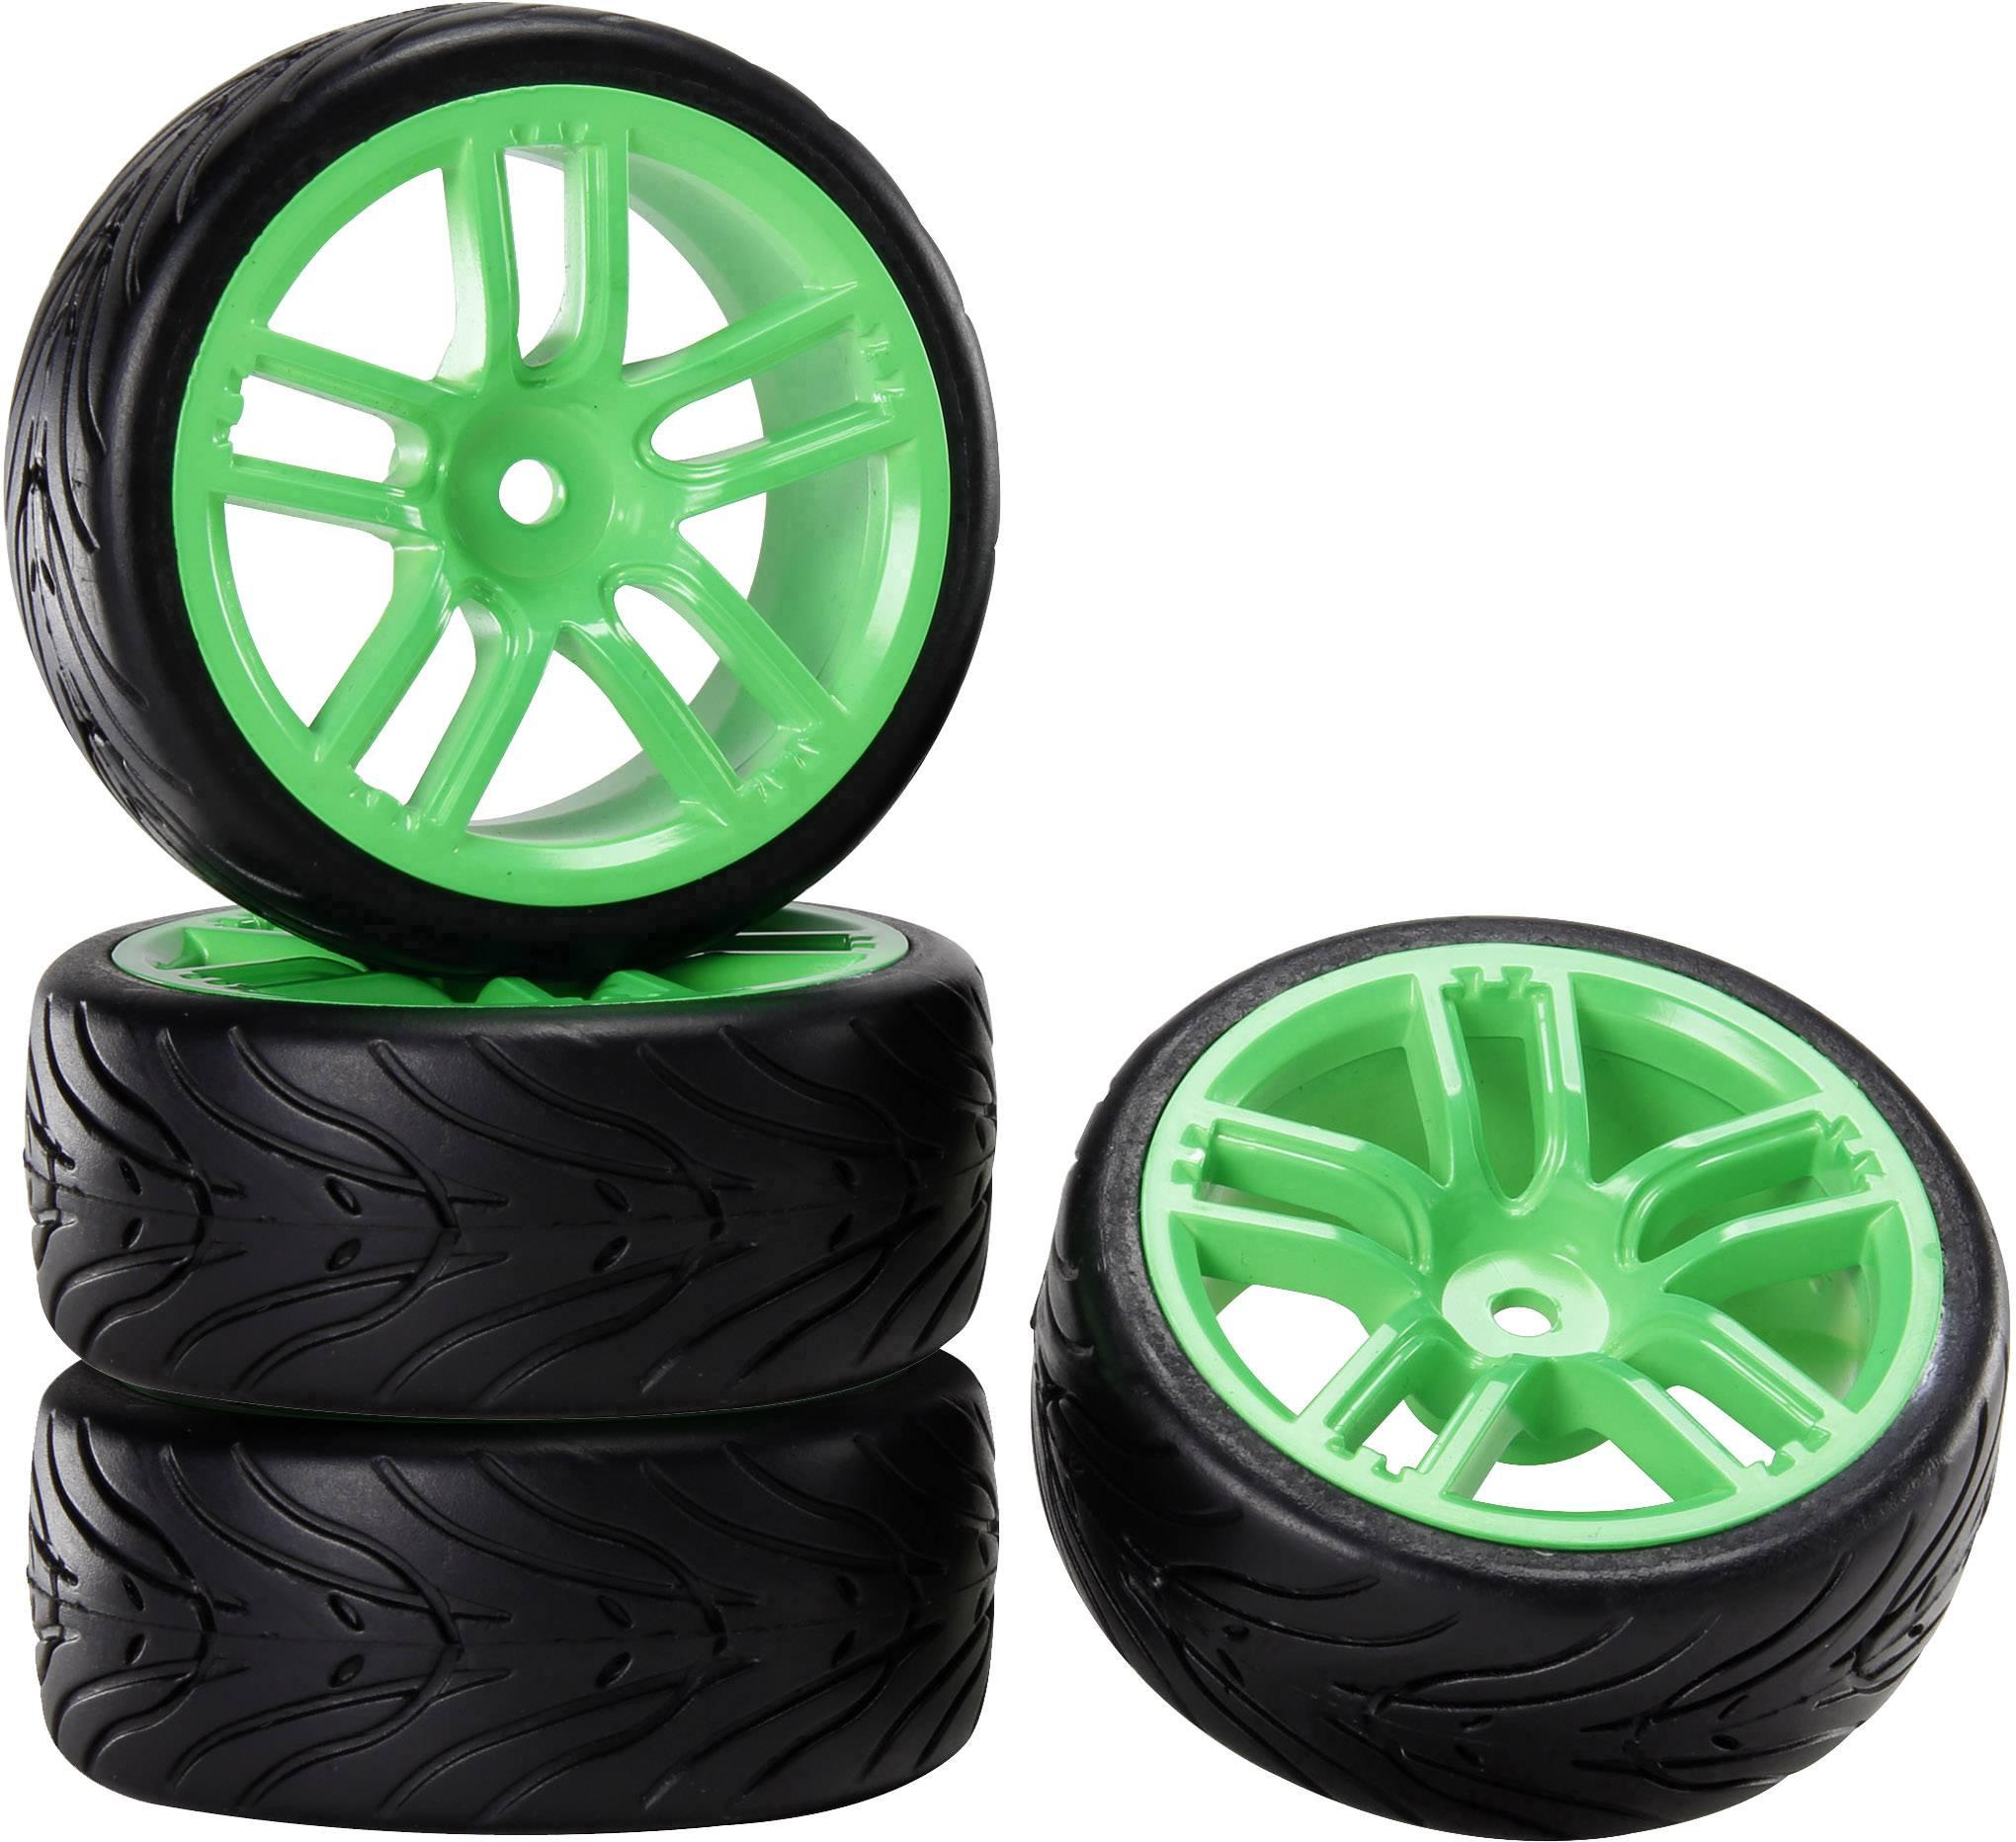 Kompletné kolesá pre cestné modely s ráfikmi a profilom pneumatík (GTGn + Devil) Reely